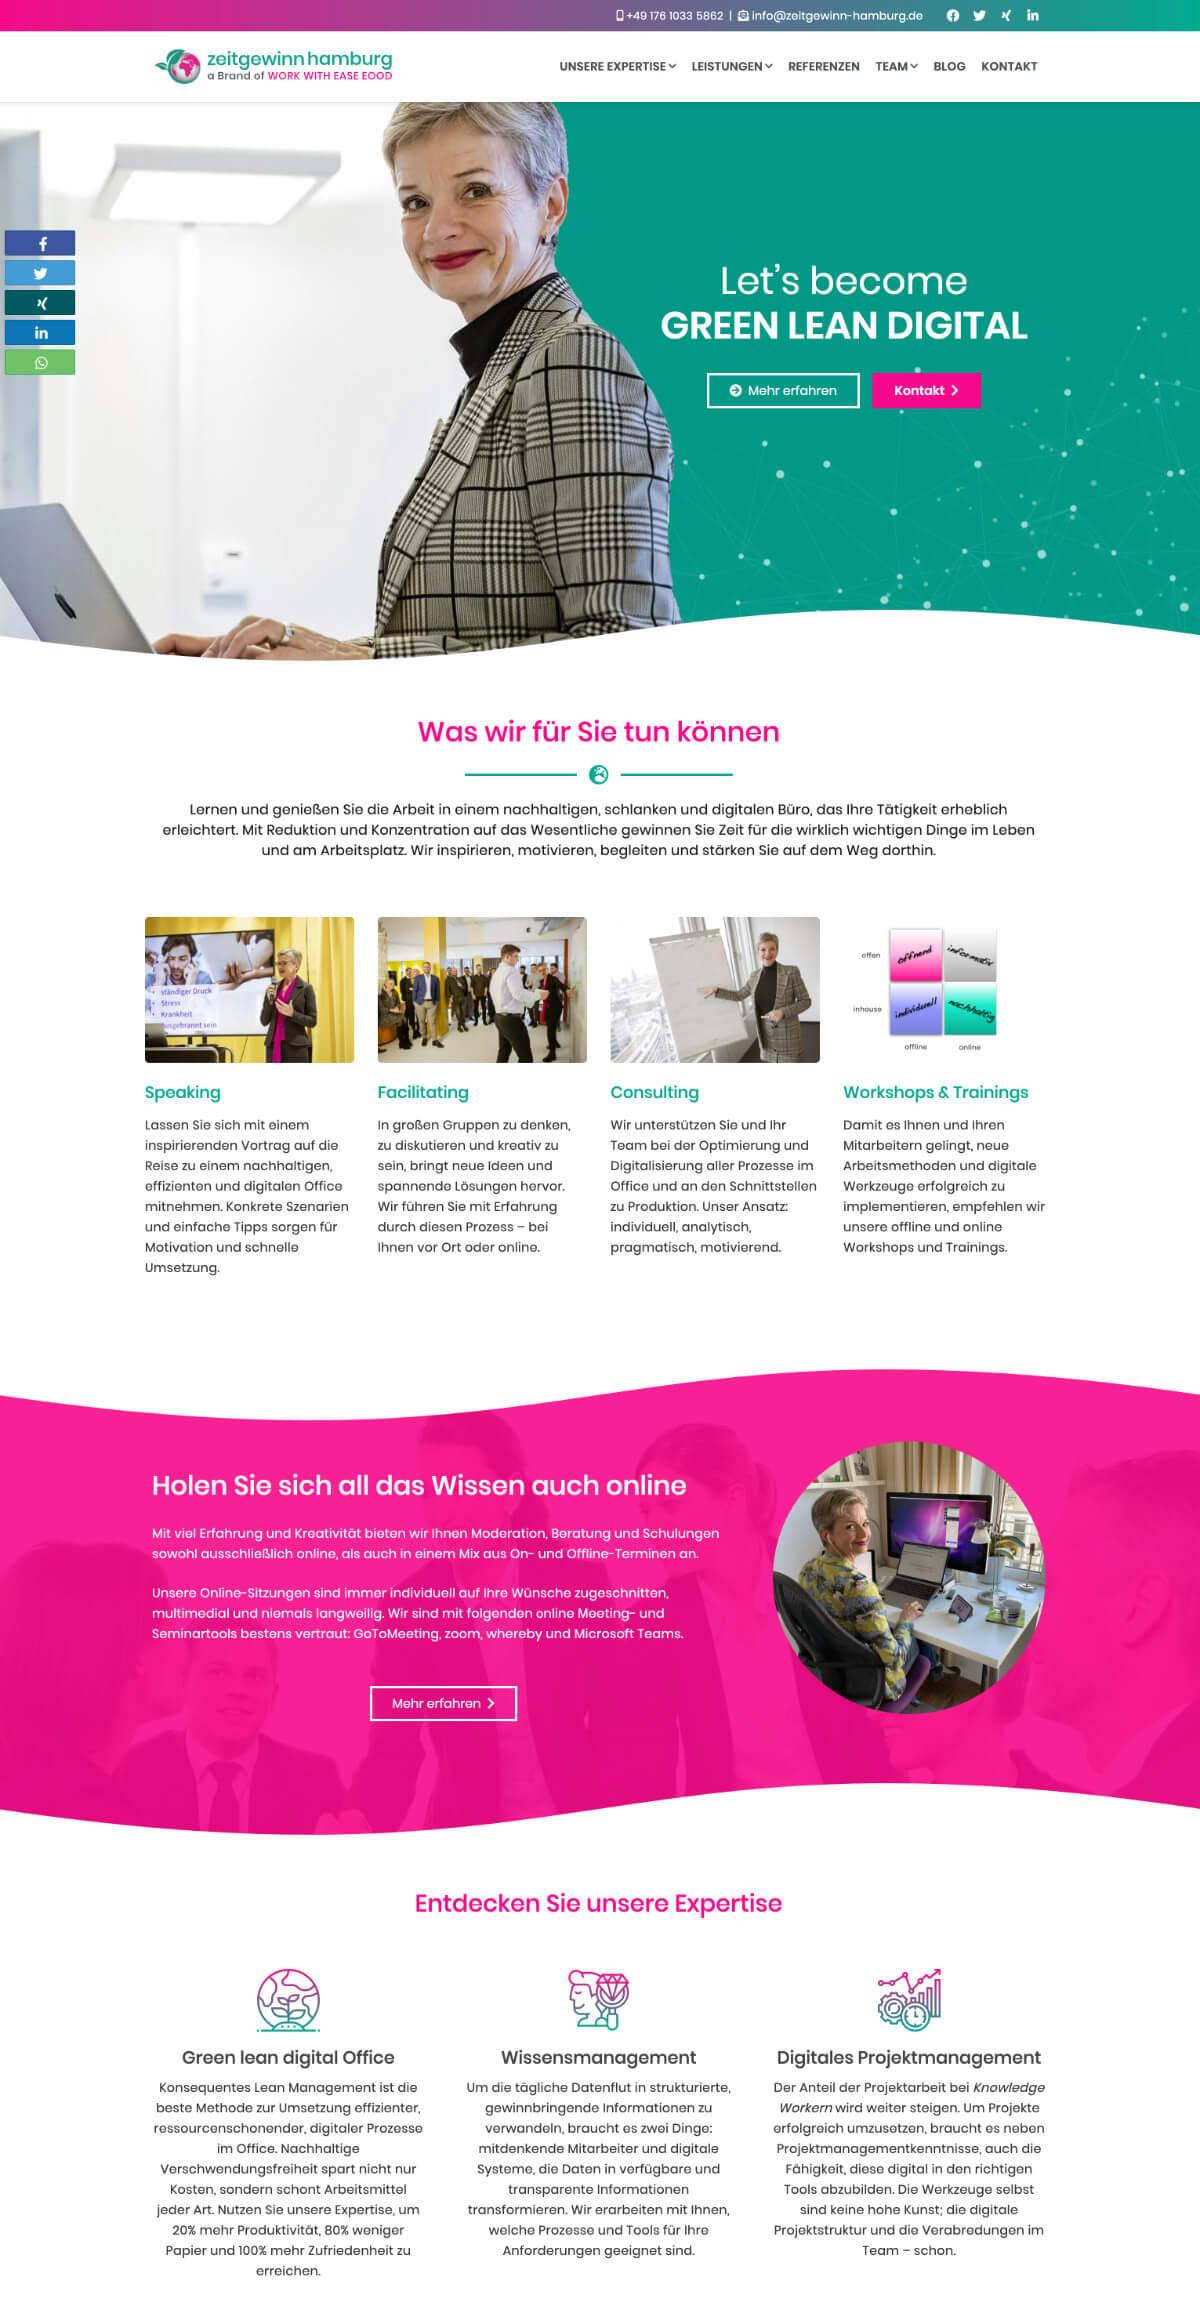 Die Startseite der Website zeitgewinn-hamburg.de